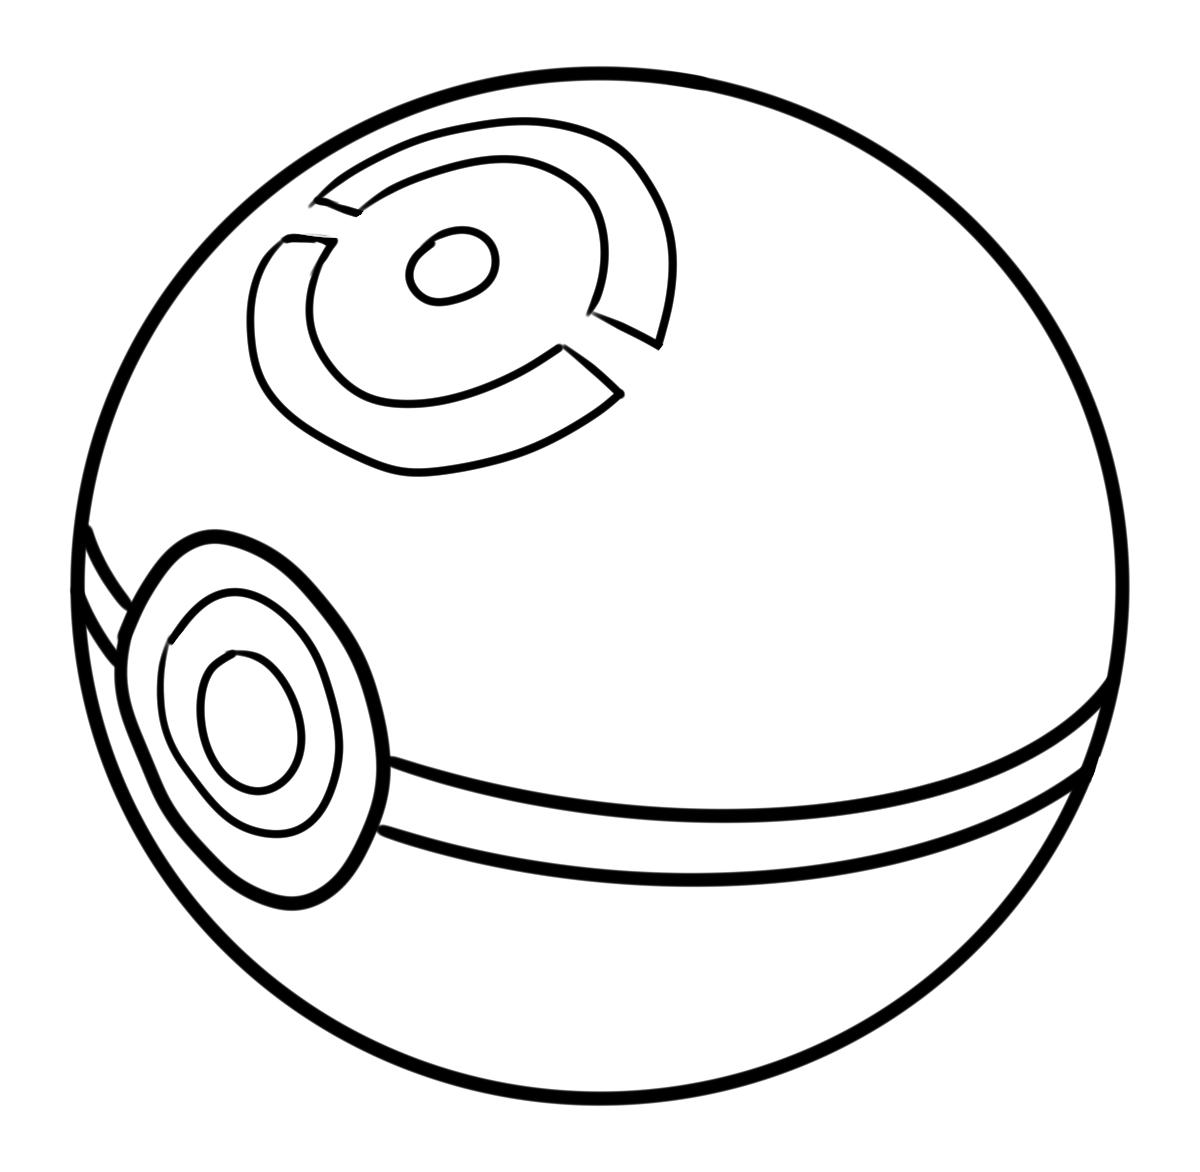 Tranh tô màu bóng pokemon